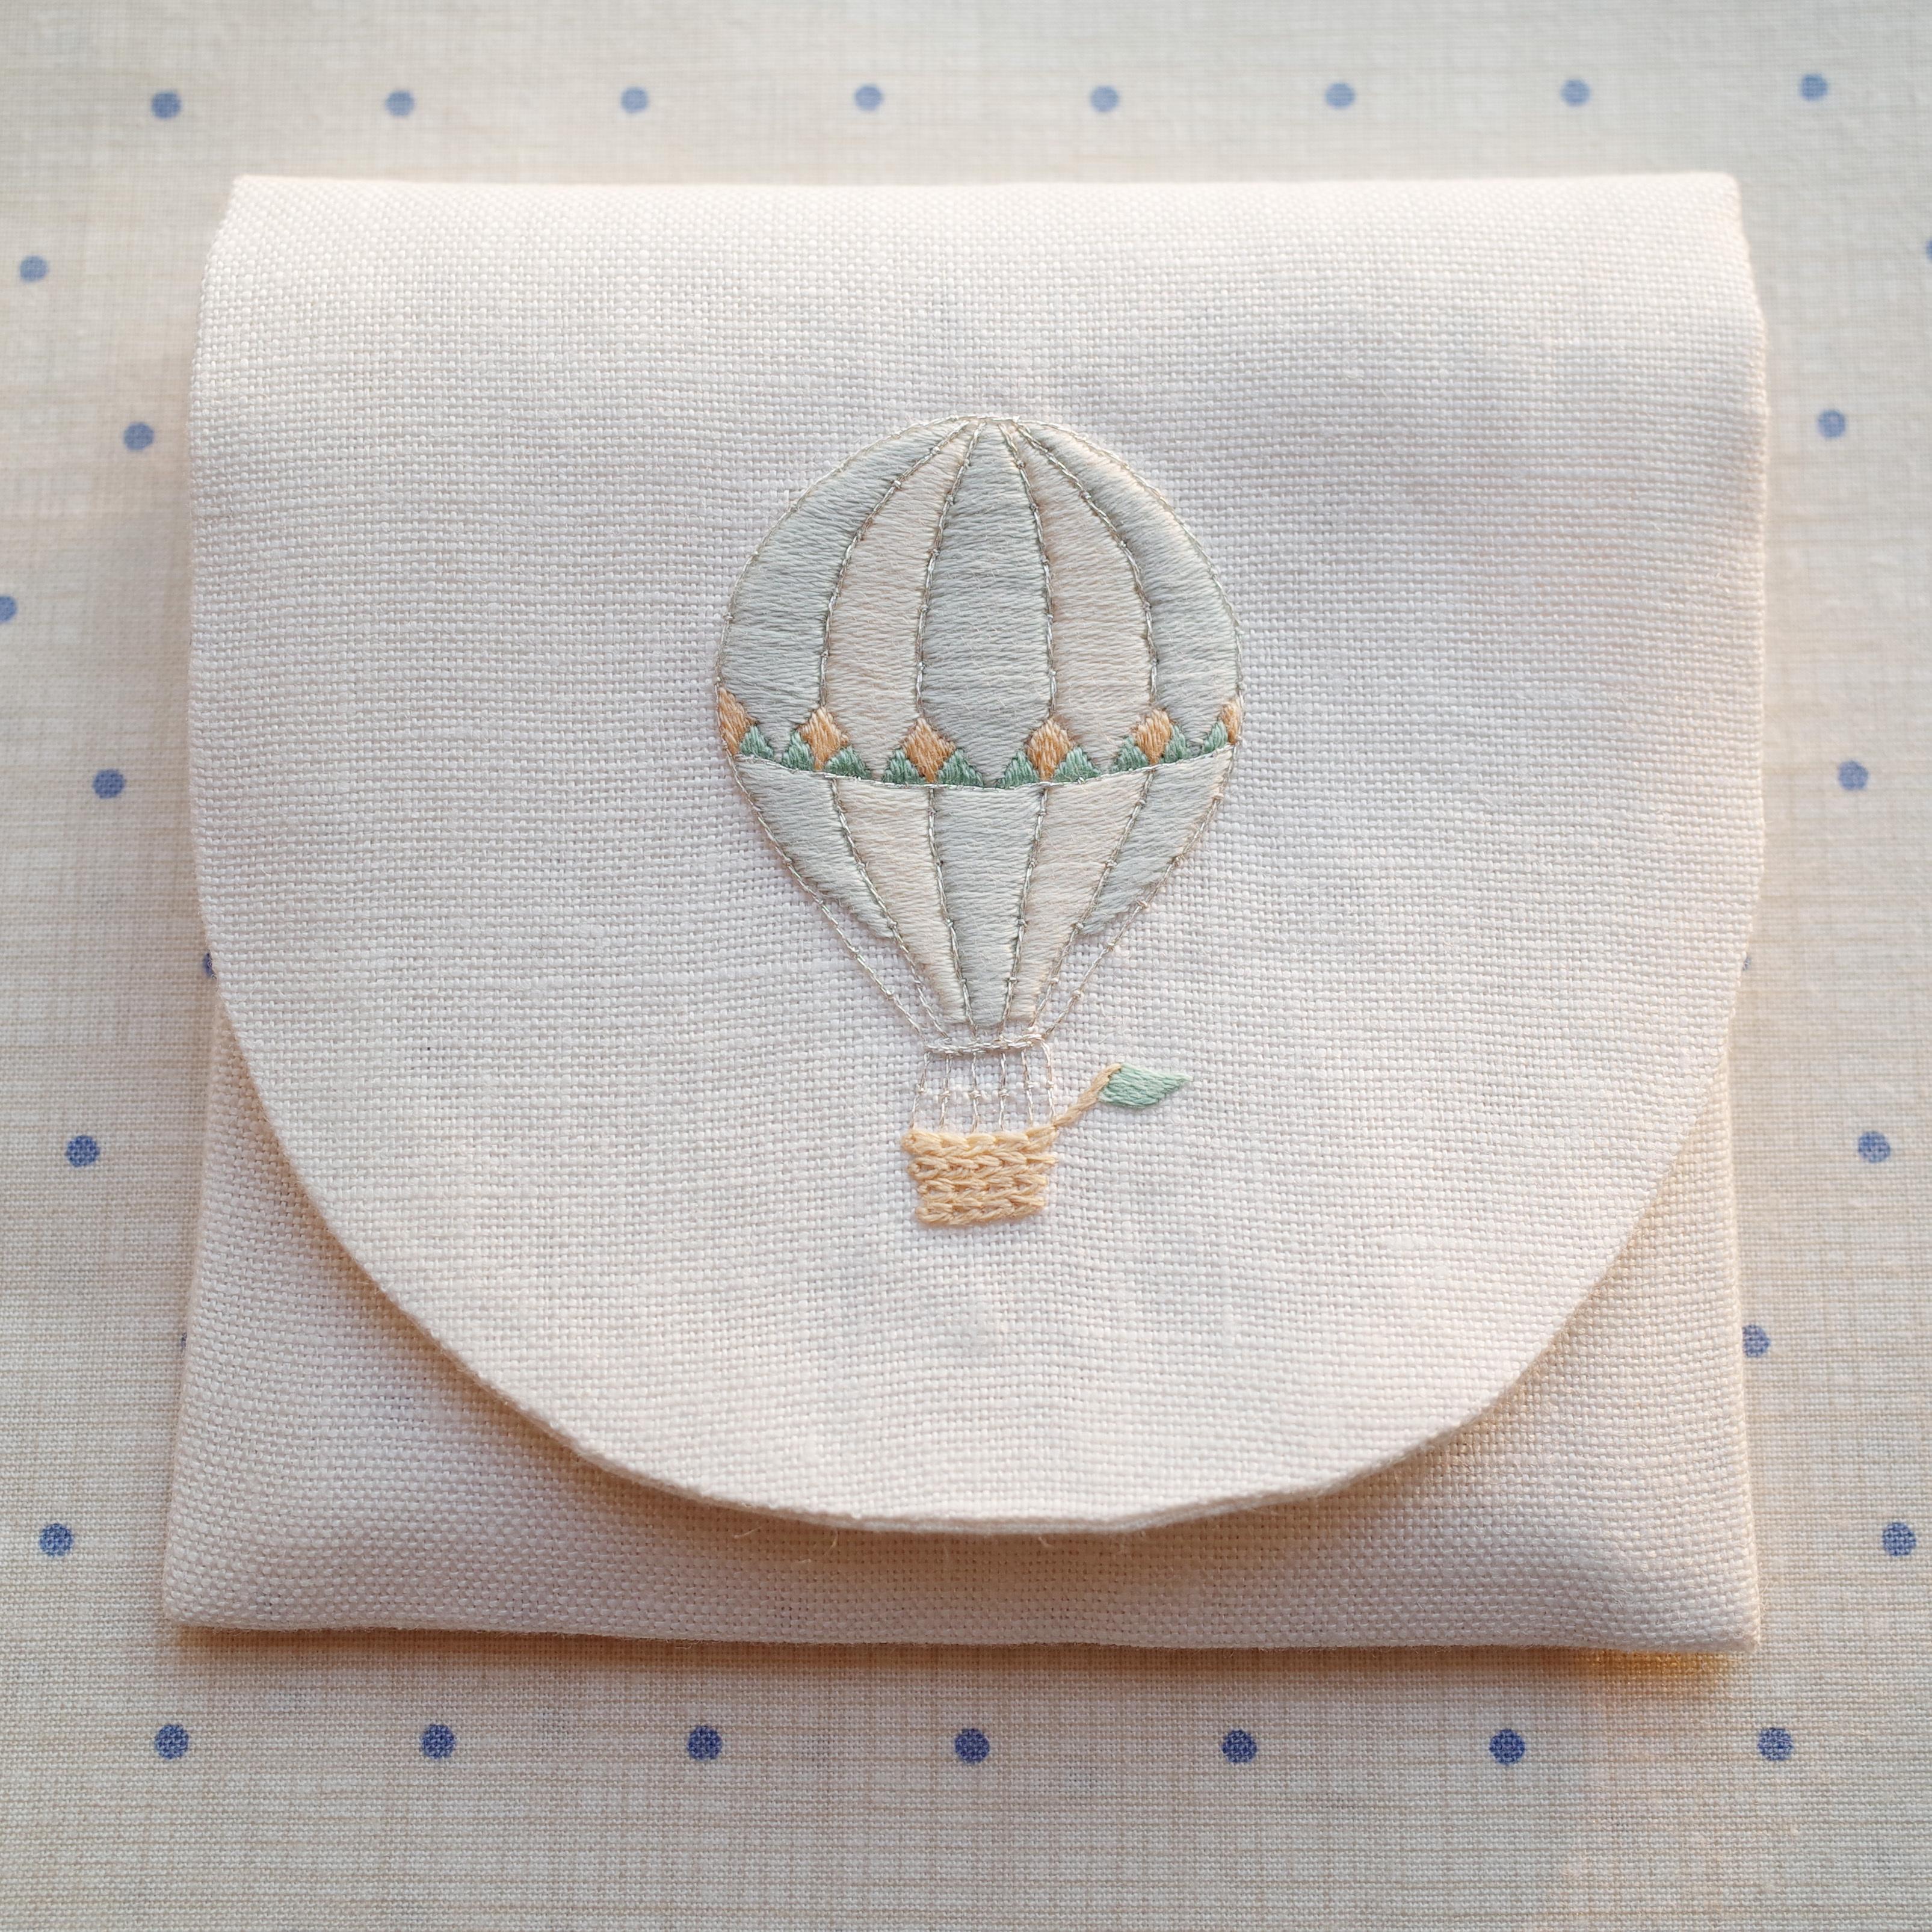 刺繍のキット 気球のポーチ